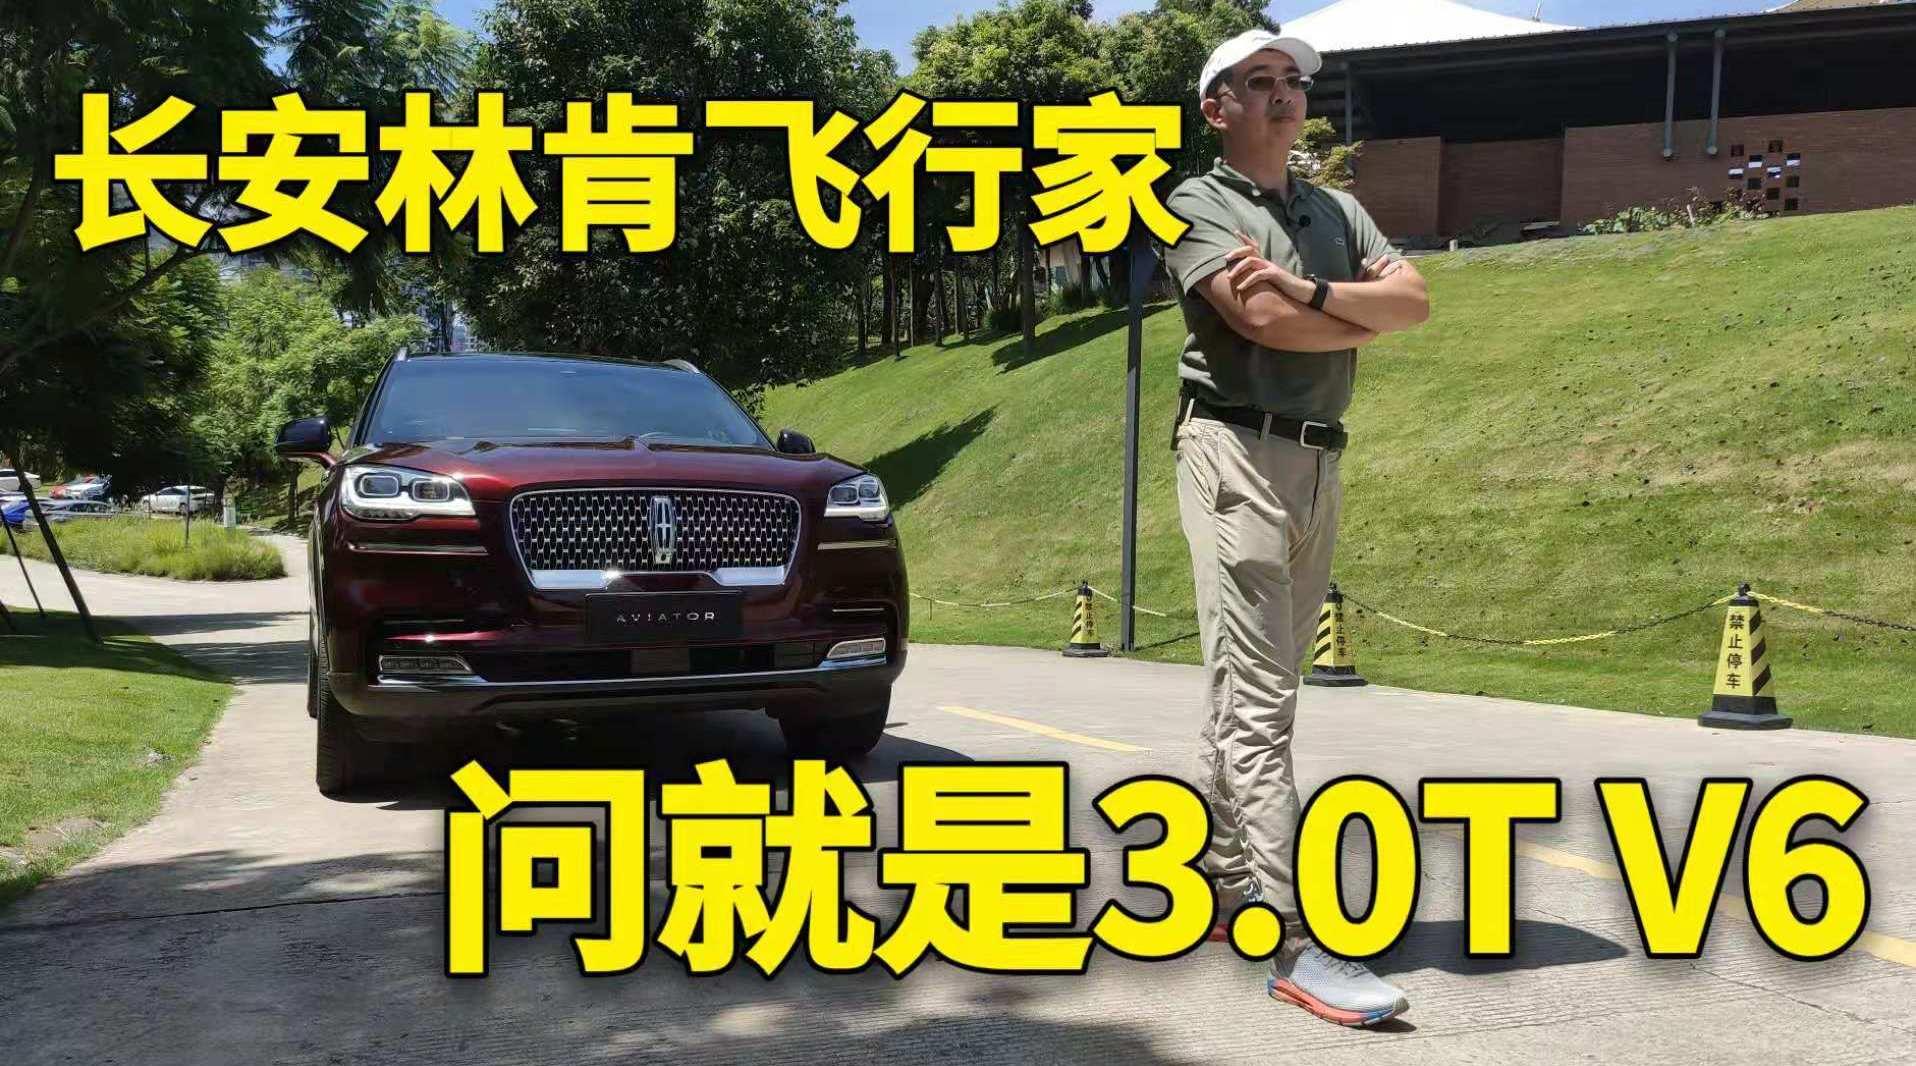 视频:50-70万级别,纵置后驱平台,3.0T V6发动机+10AT变速箱……